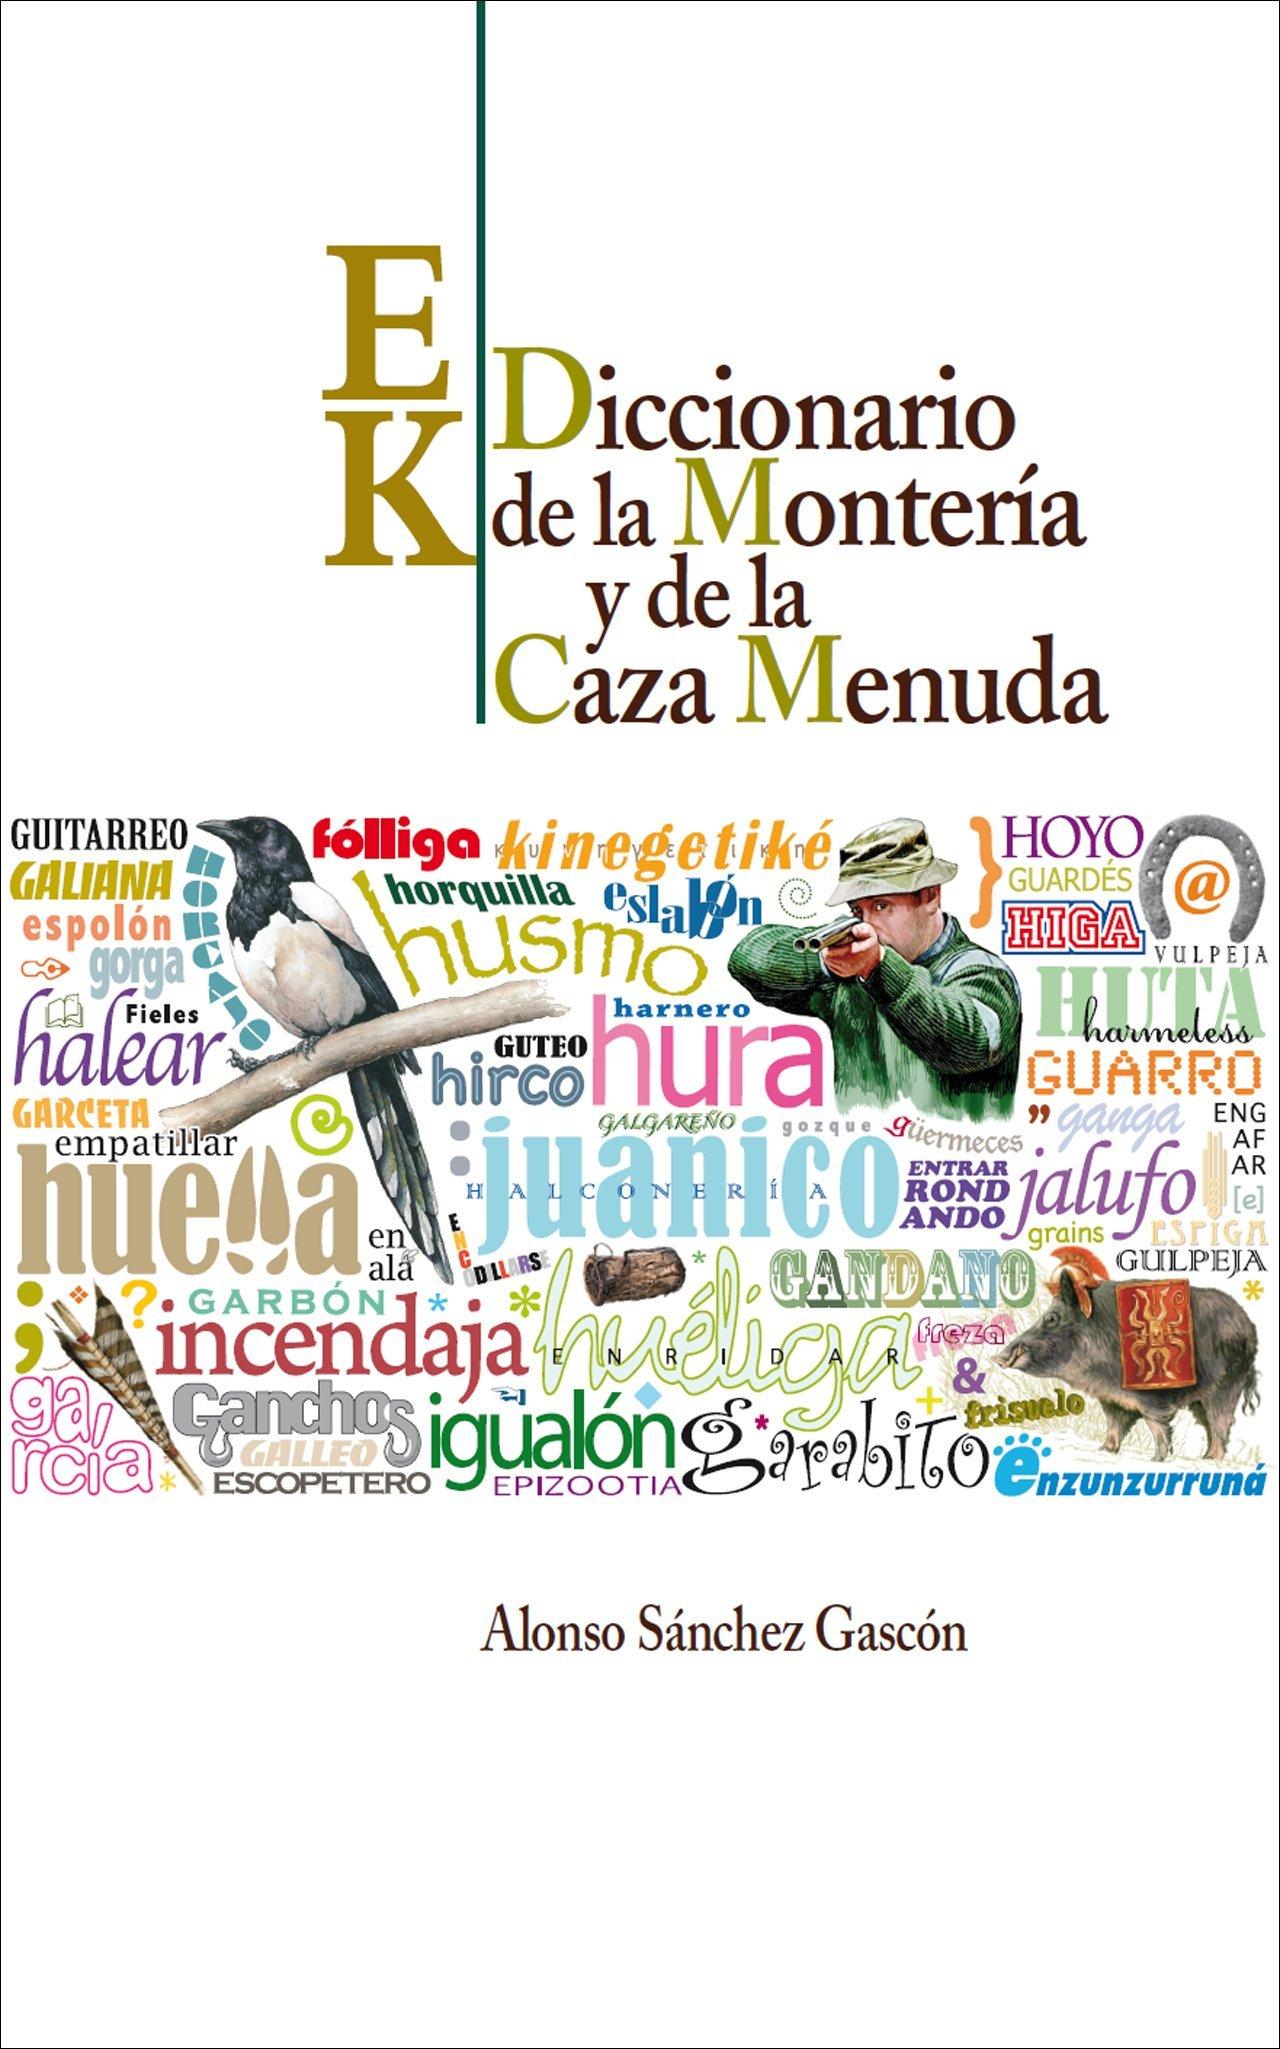 III diccionario de la monteria yde la caza menuda, vol.III: de la e a la k: Amazon.es: ALONSO SANCHEZ GASCON: Libros